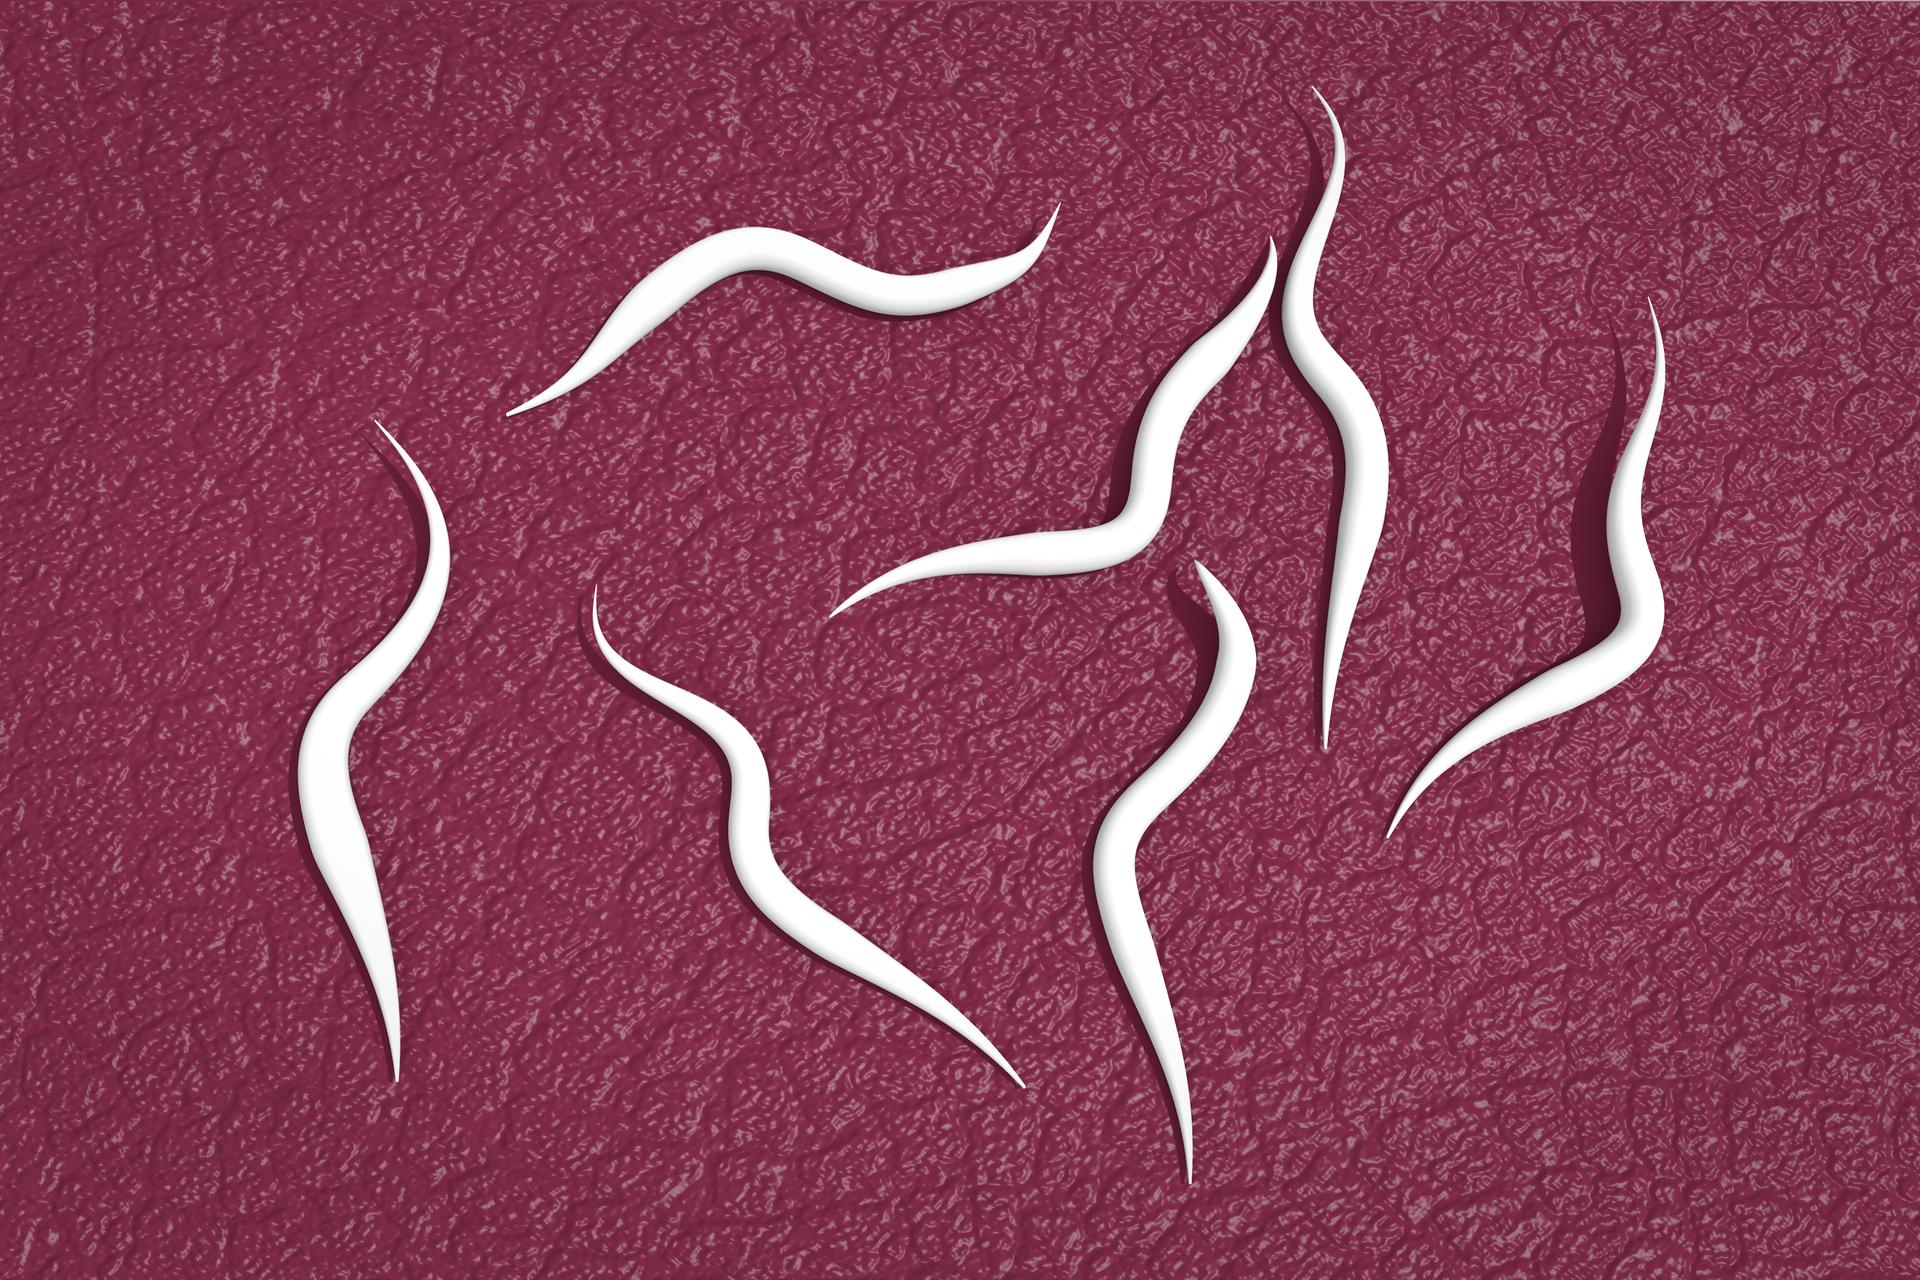 5 – owsiki, niewielkich rozmiarów białe nicienie